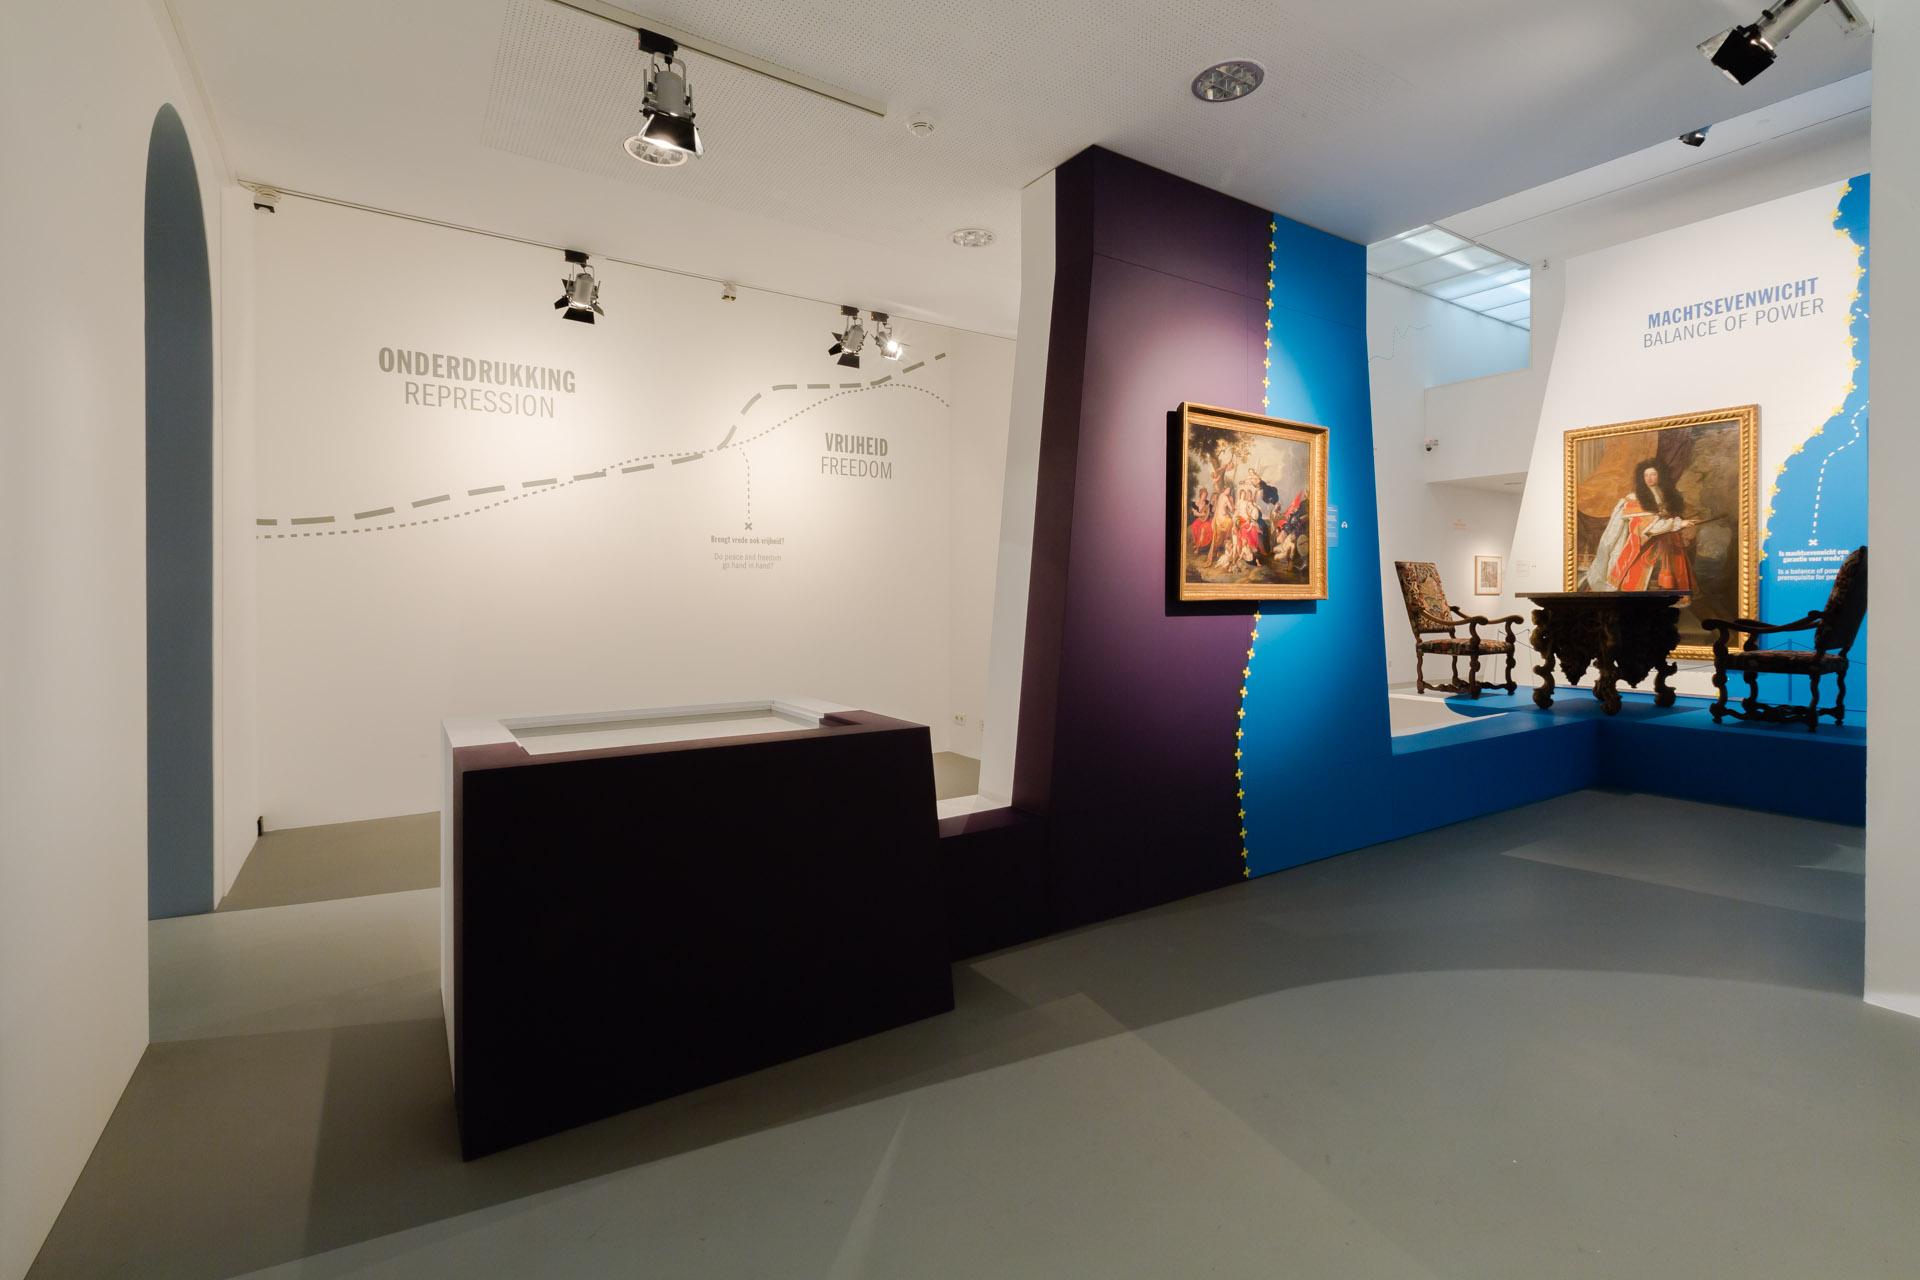 centraal museum in vredesnaam tentoonstelling nr 4b jpg